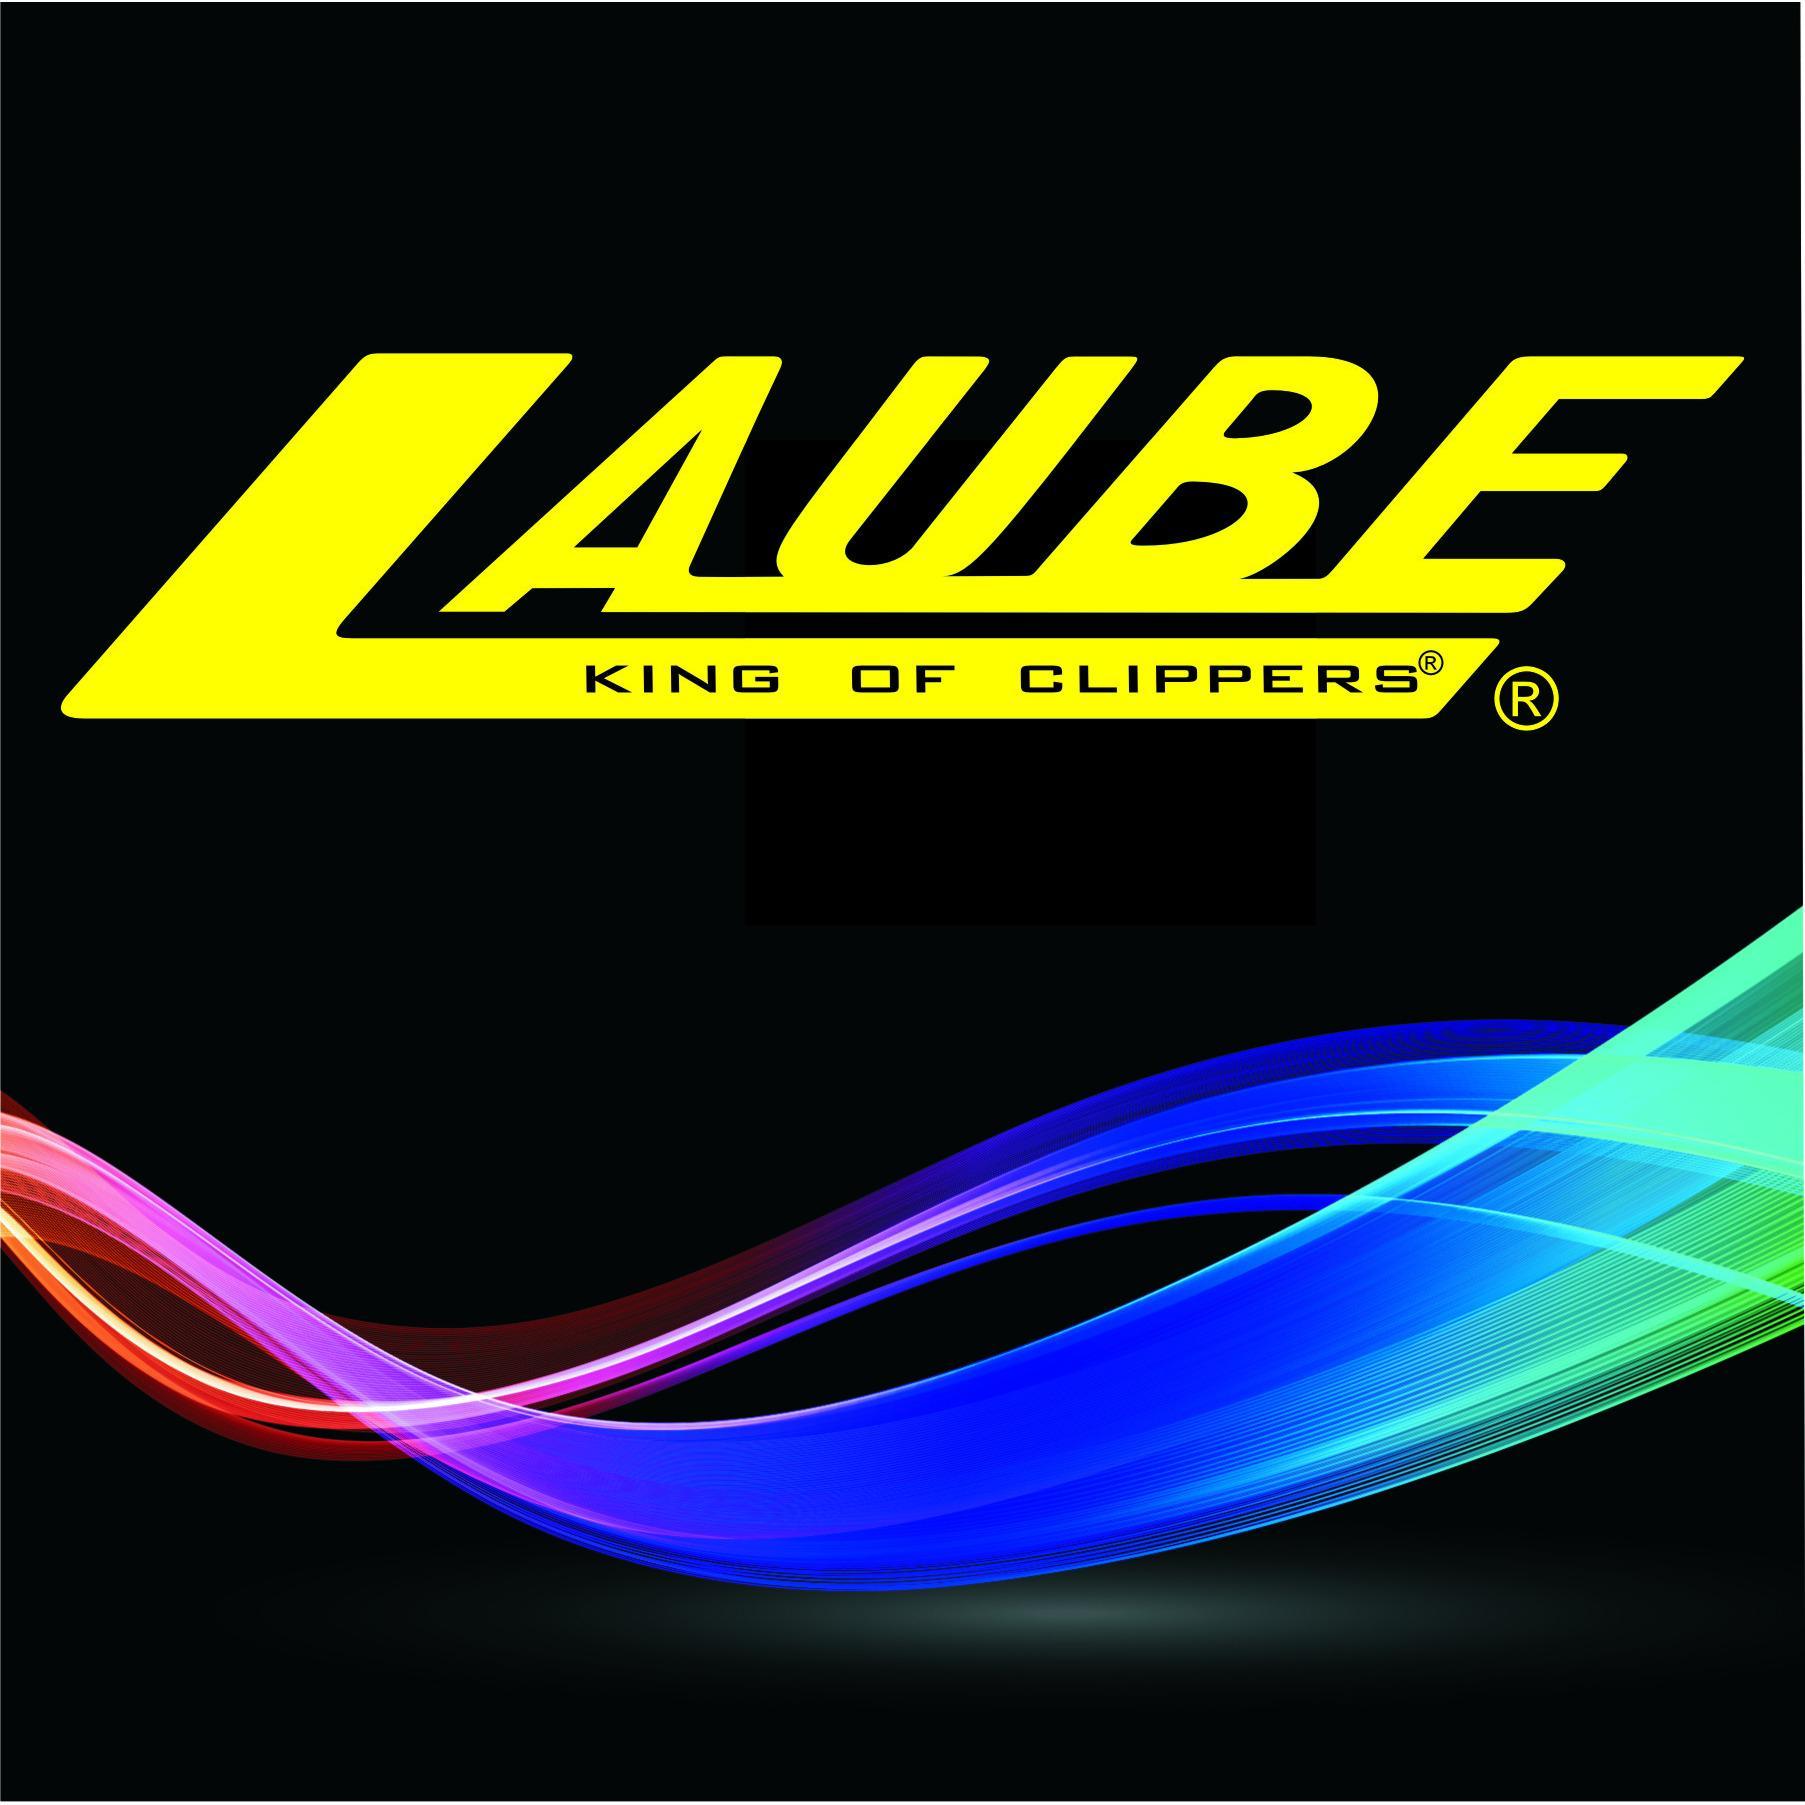 Kim Laube & Co., Inc.